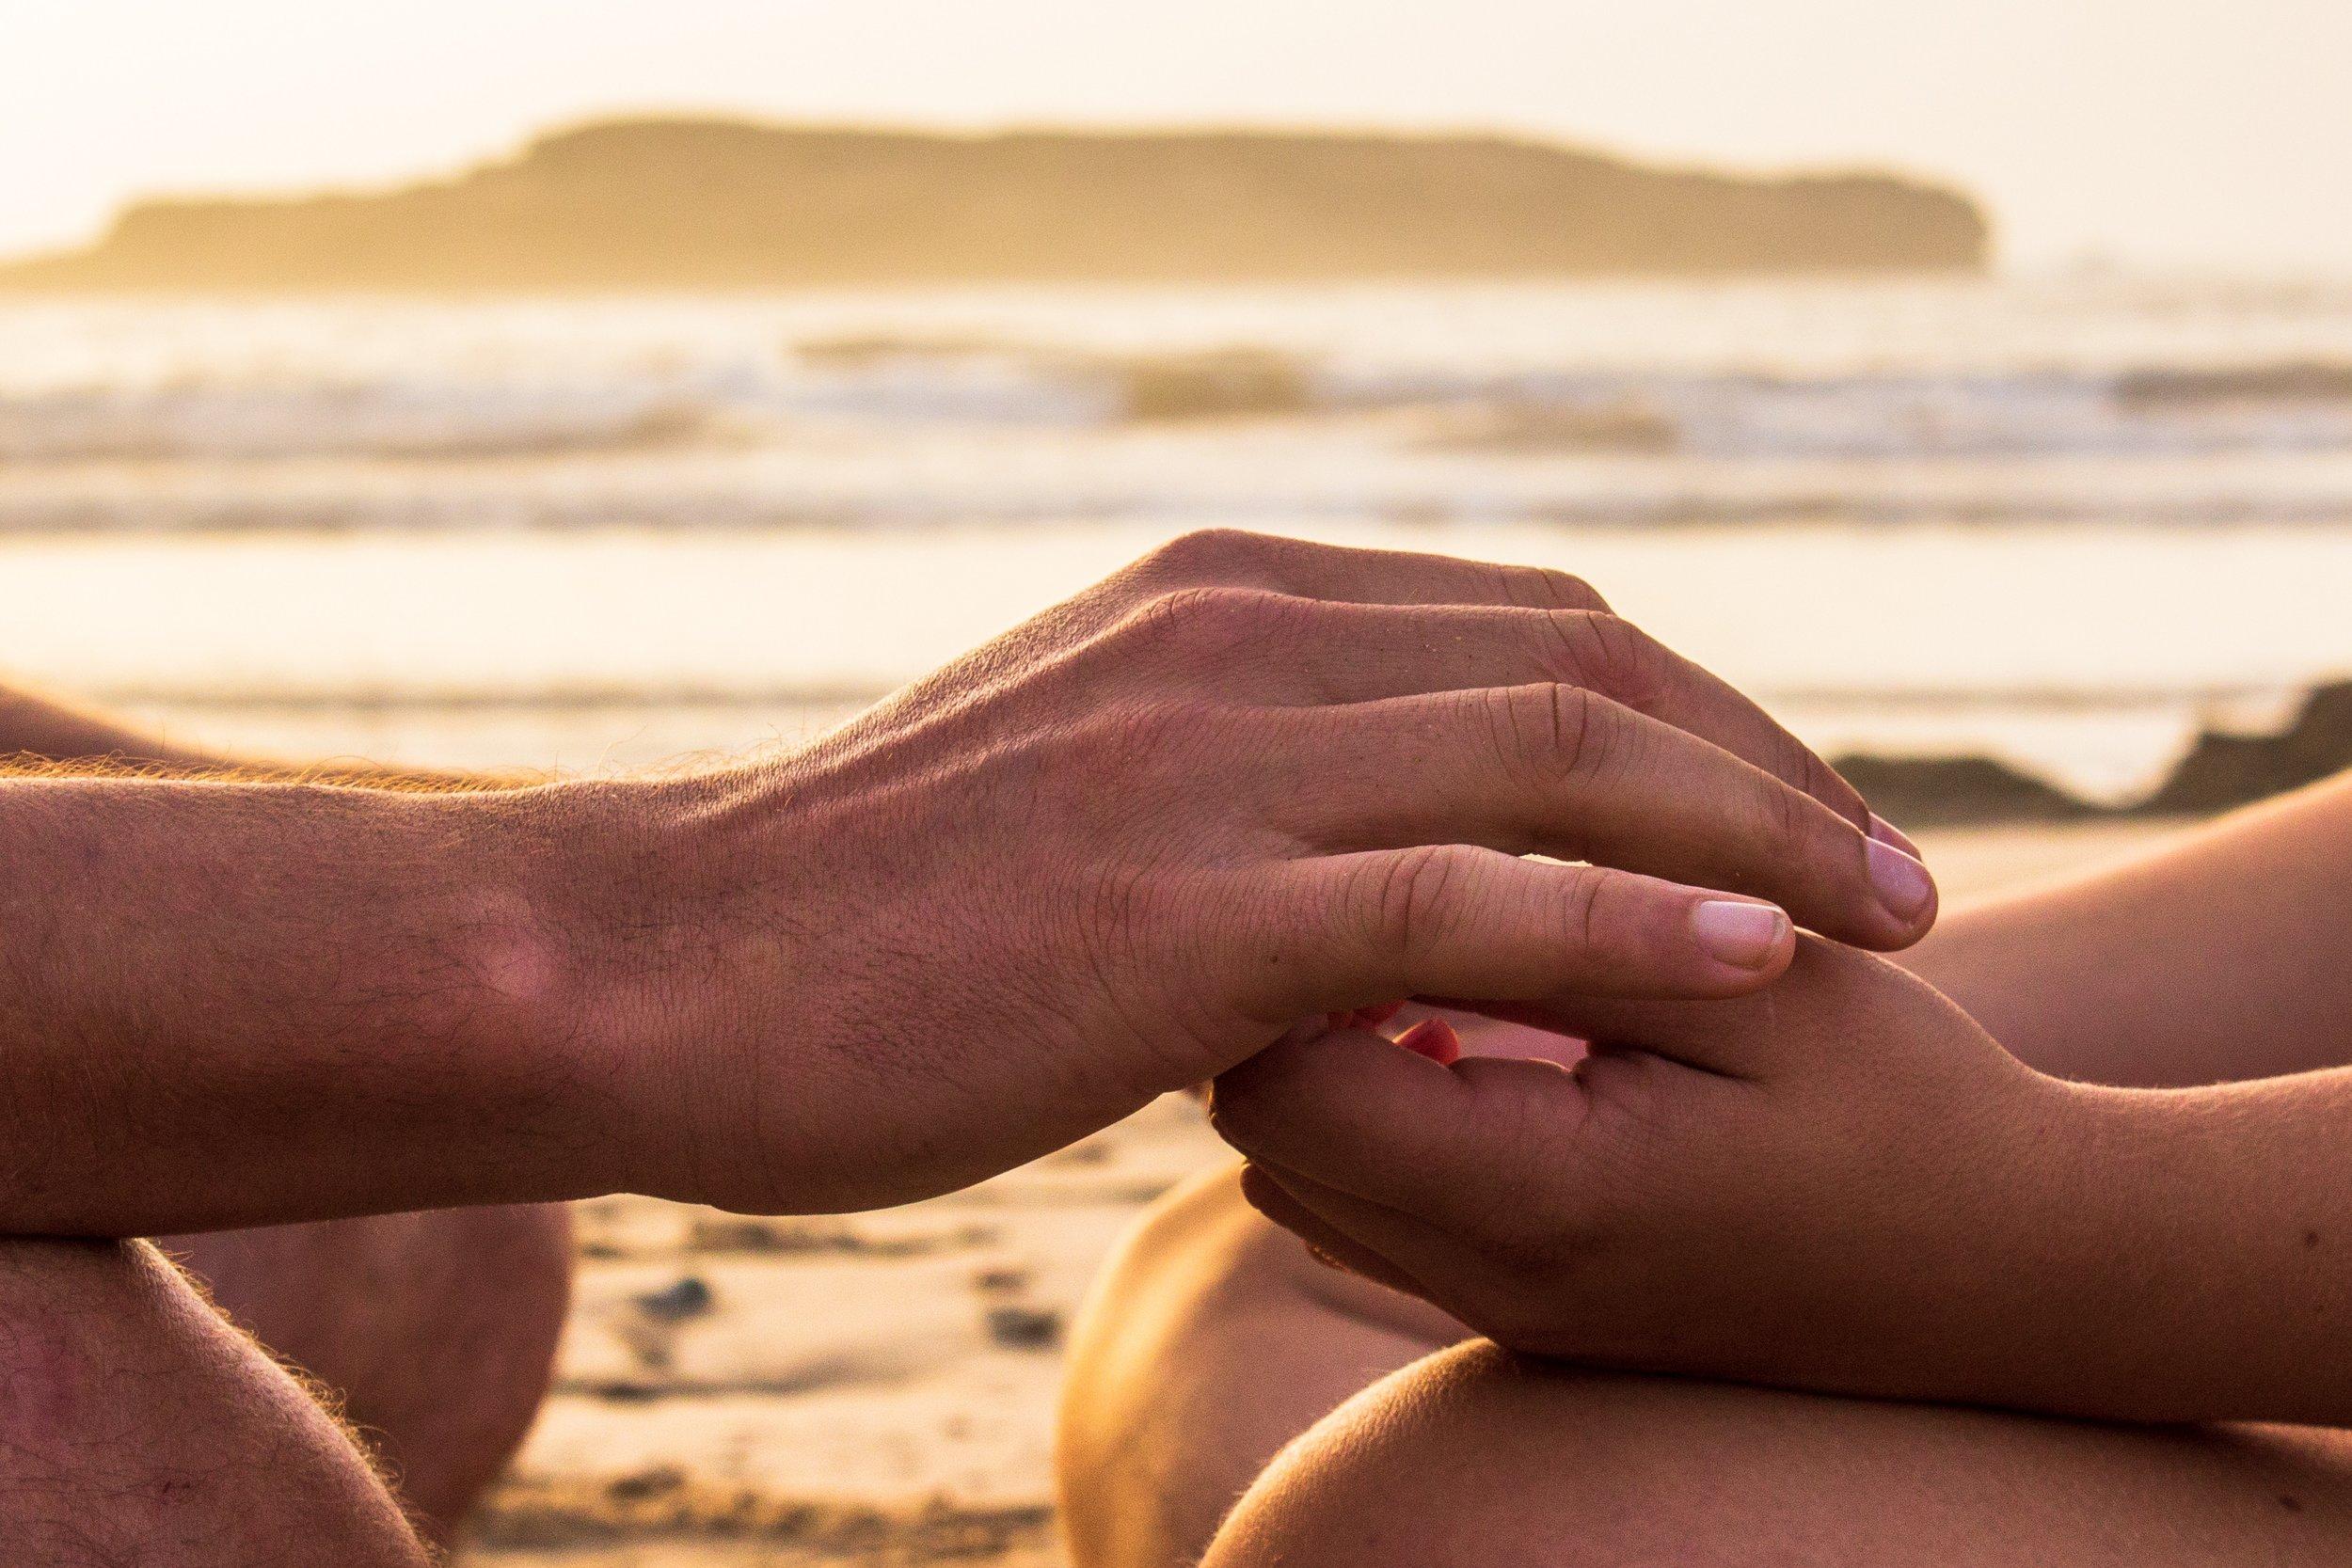 healing hands on knees louis-hansel-7TIUb6CpG_w-unsplash.jpg